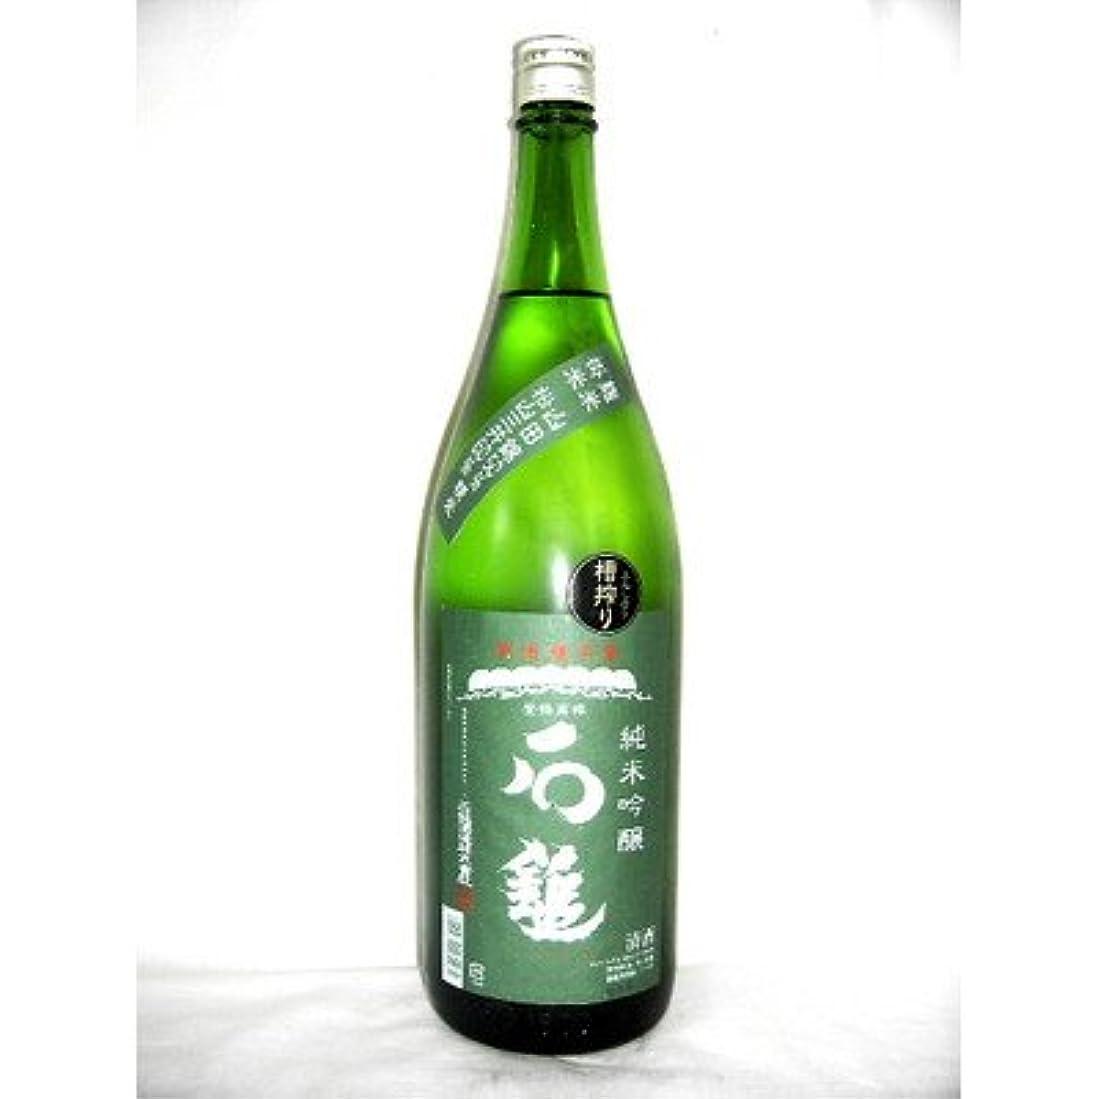 磁石リダクターそのような石鎚 純米吟醸 緑ラベル 1800ml [石鎚酒造 愛媛県 純米吟醸]